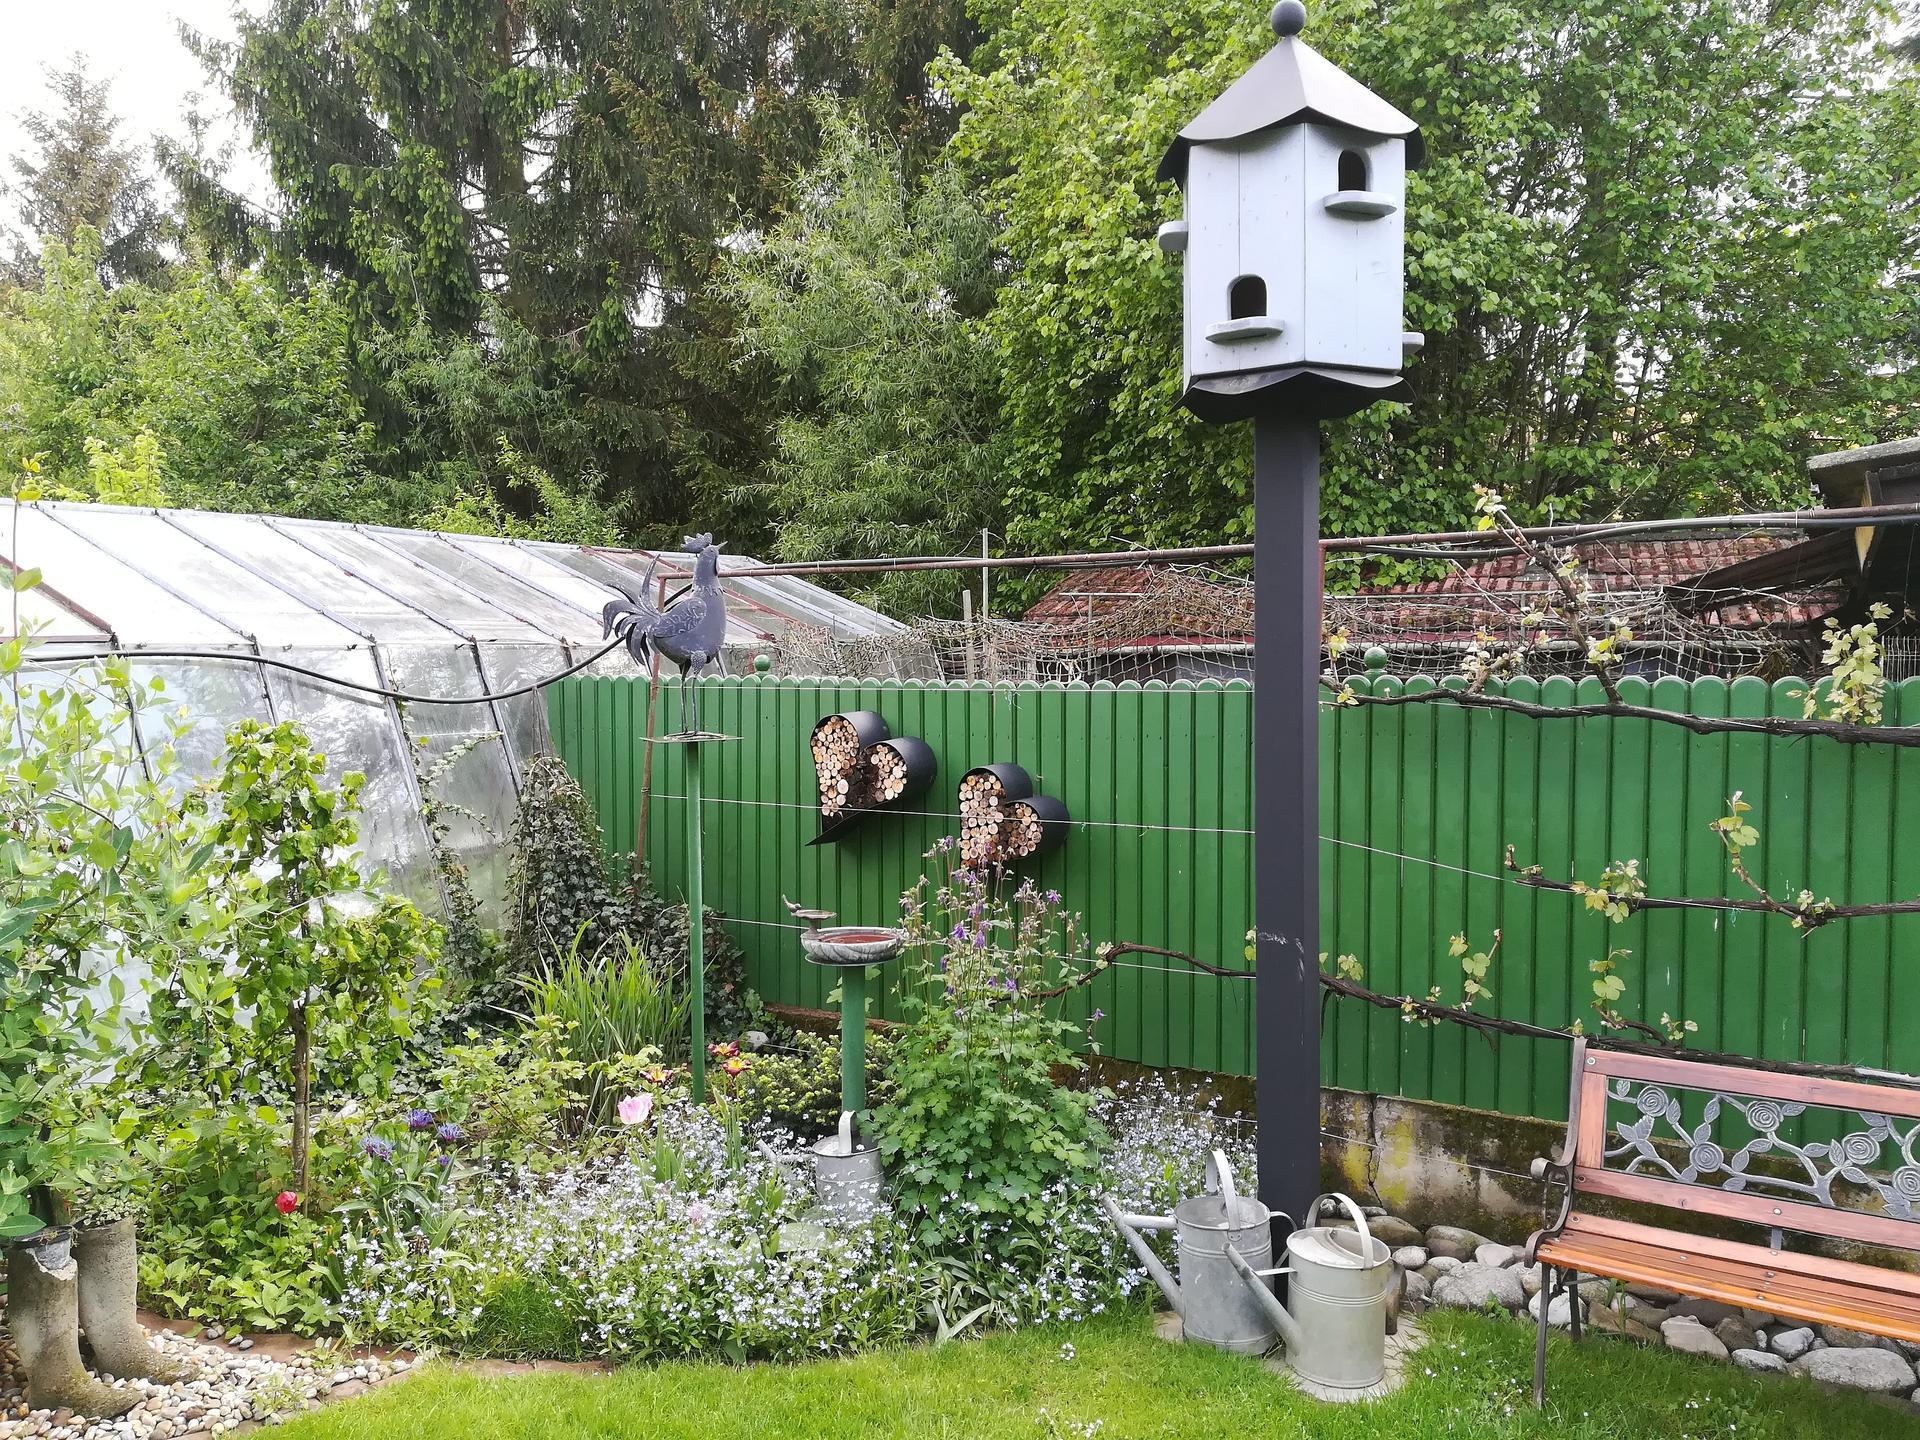 Pozdrav zo záhrady. - Obrázok č. 38